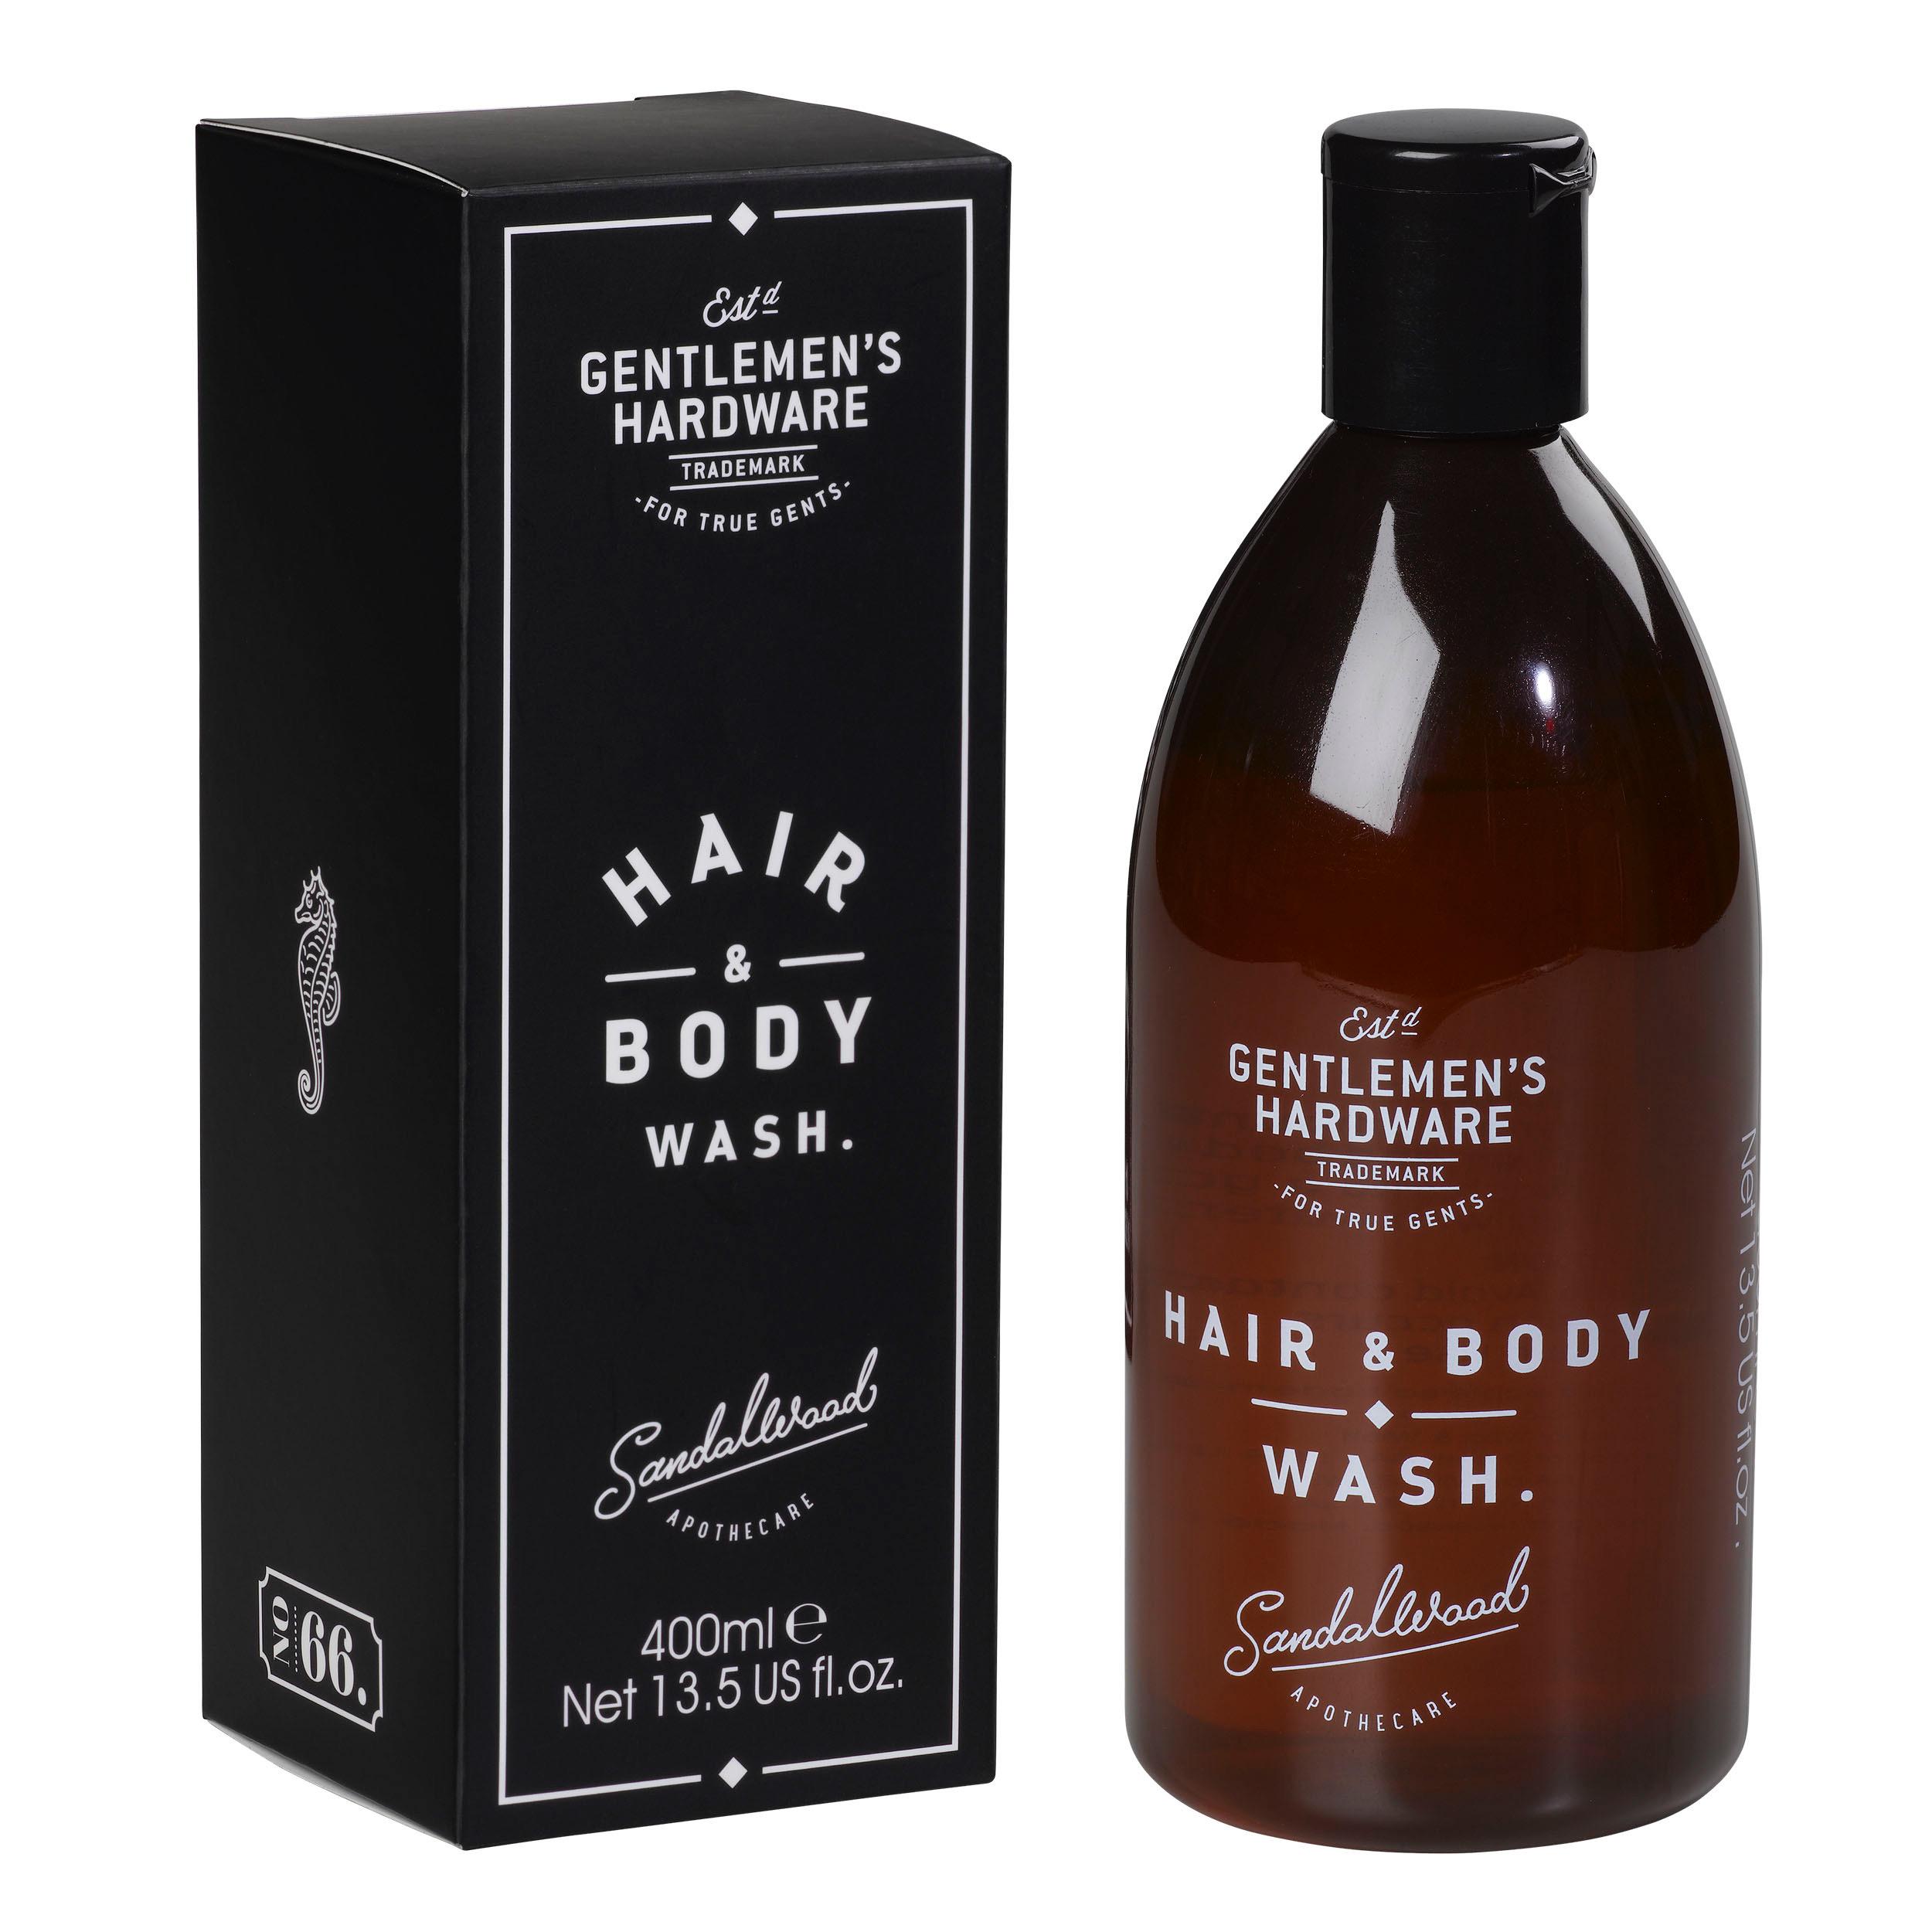 Gentleman's Hardware Hair & Body Wash